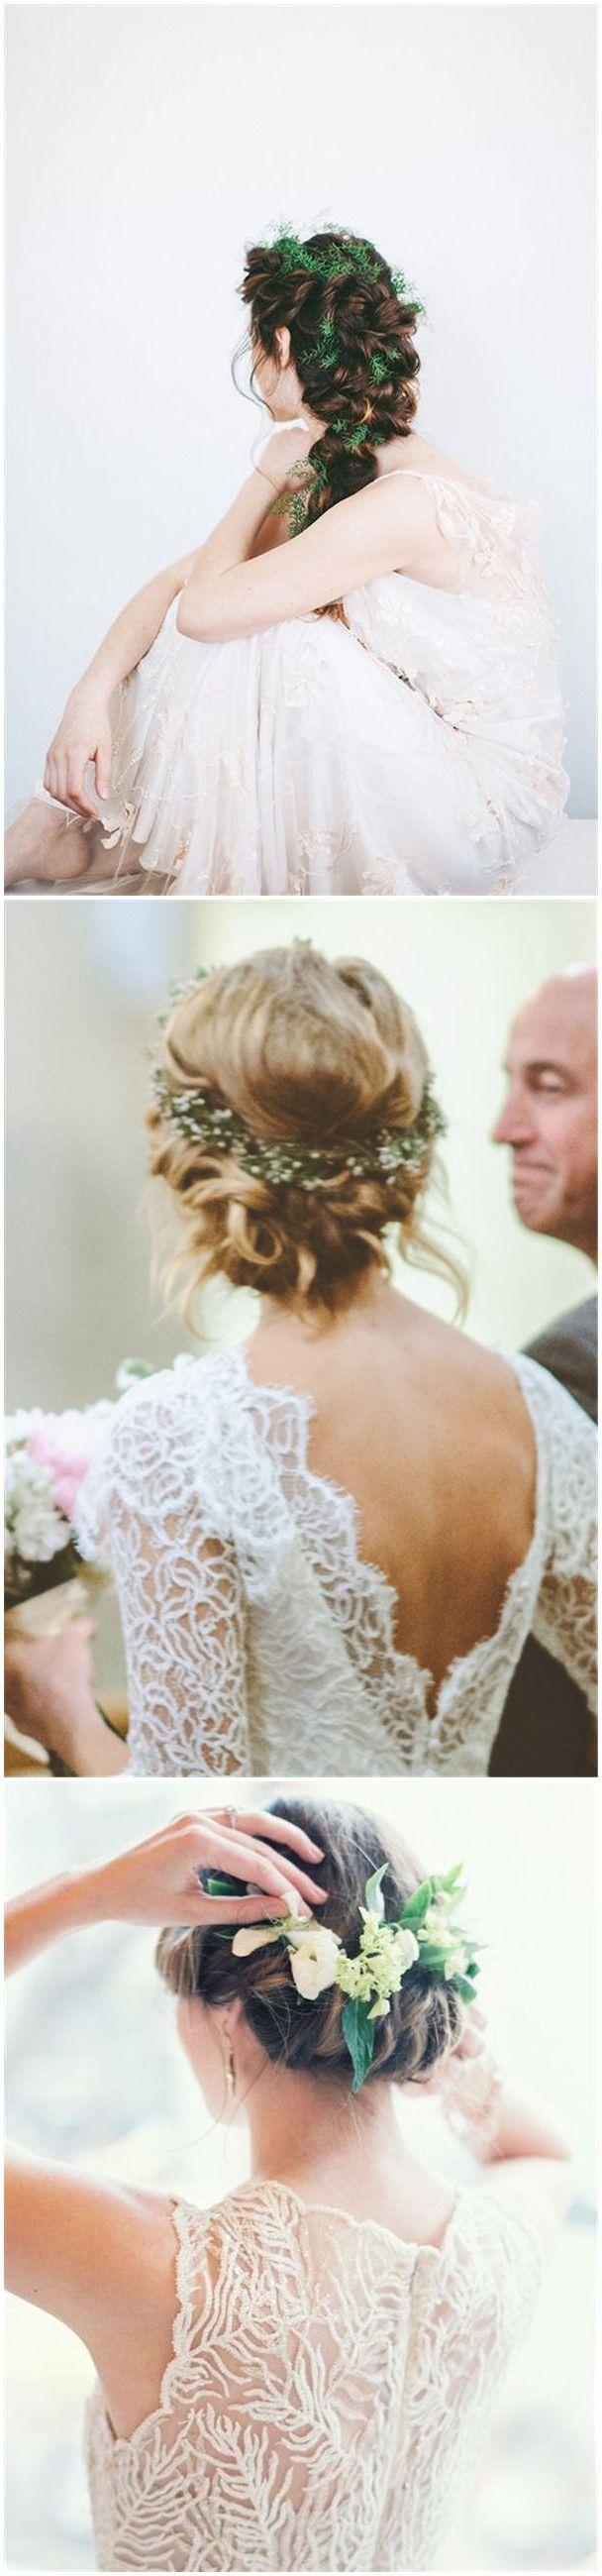 544 best Wedding hairstyles images on Pinterest | Braid bangs, Braid ...